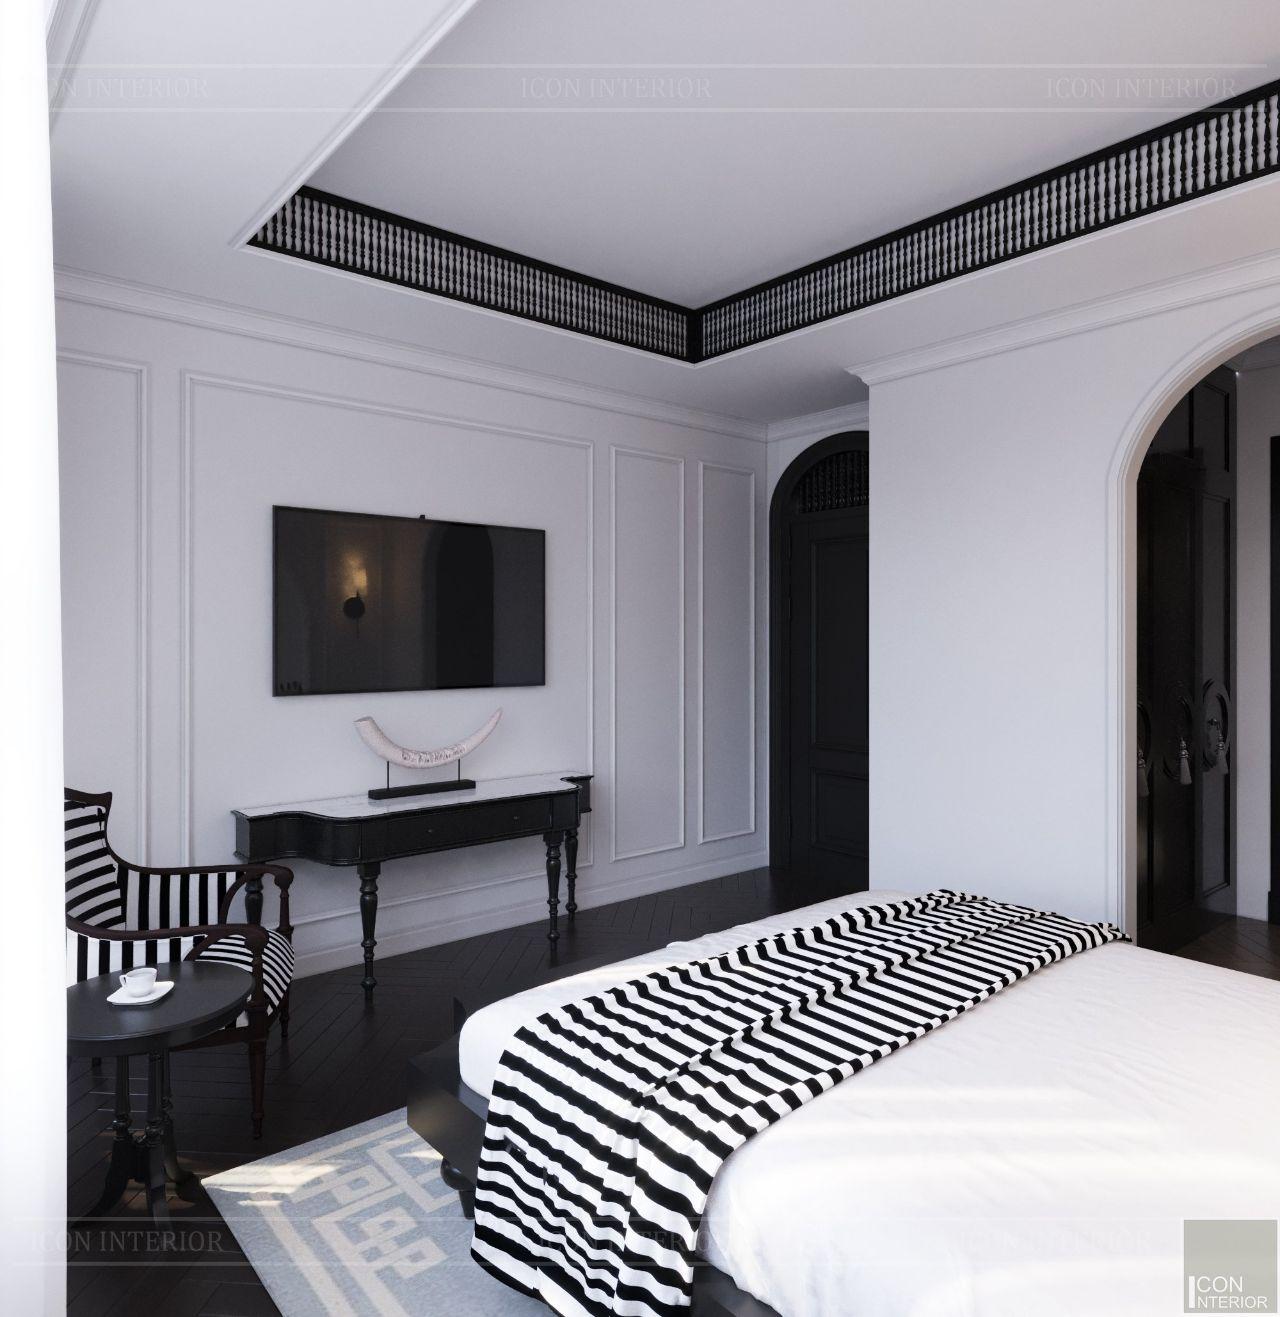 thiết kế nội thất chung cư 60m2 ấn tượng